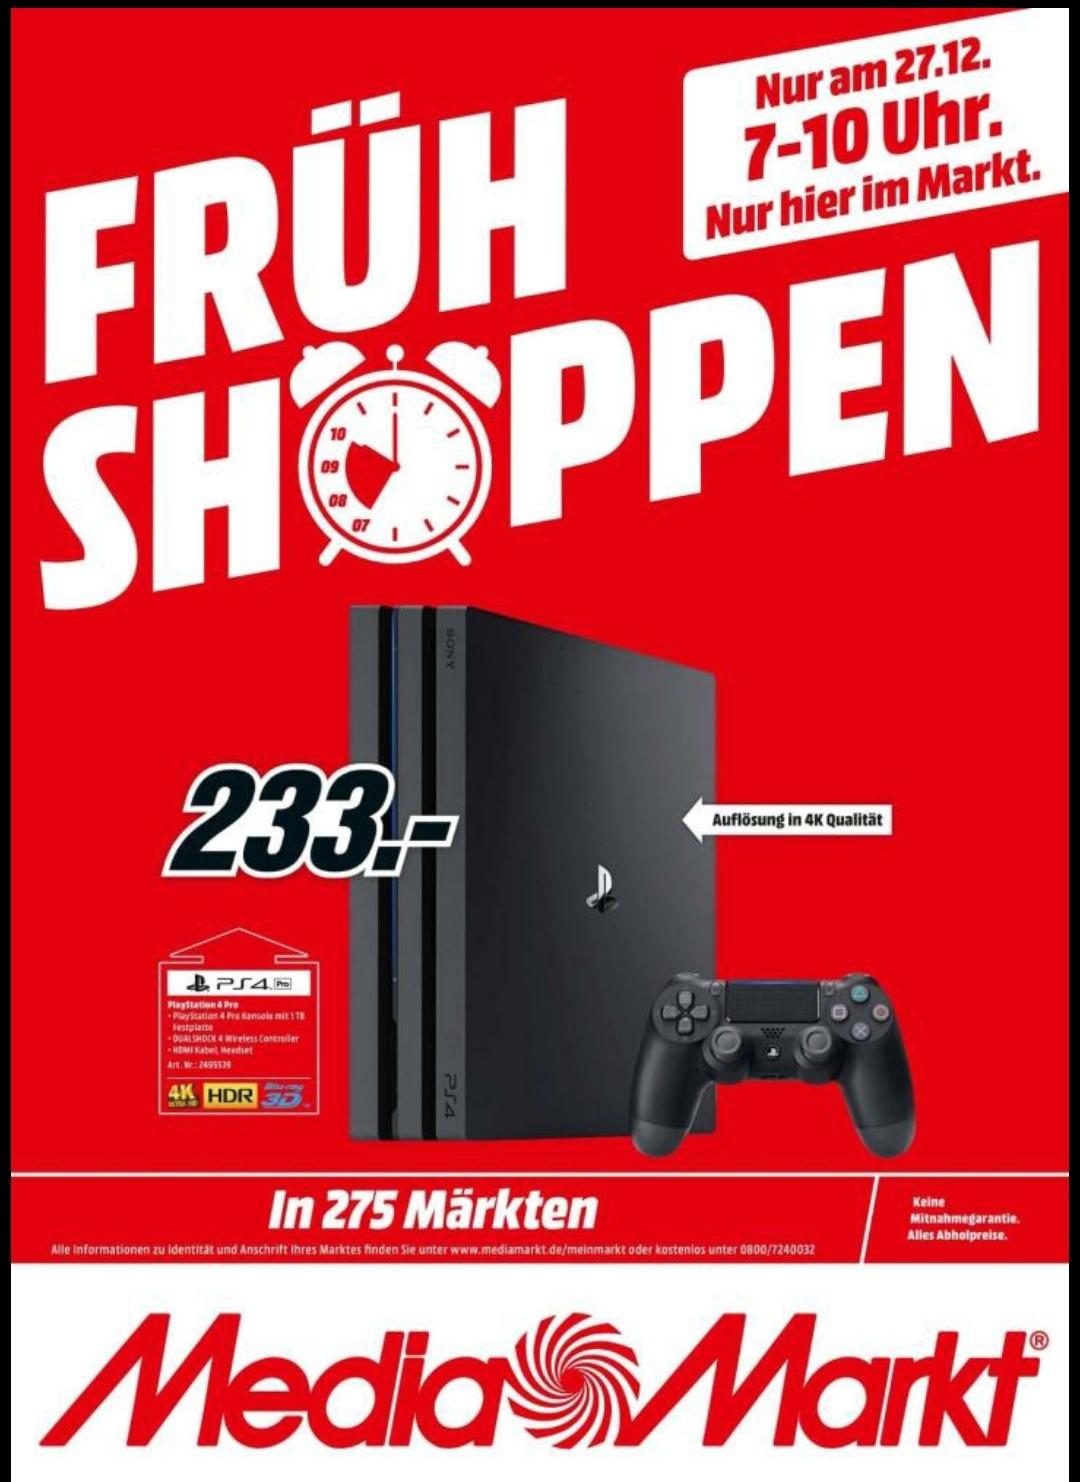 [Grensdeal] PlayStation 4 Pro 1TB @Mediamarkt DE